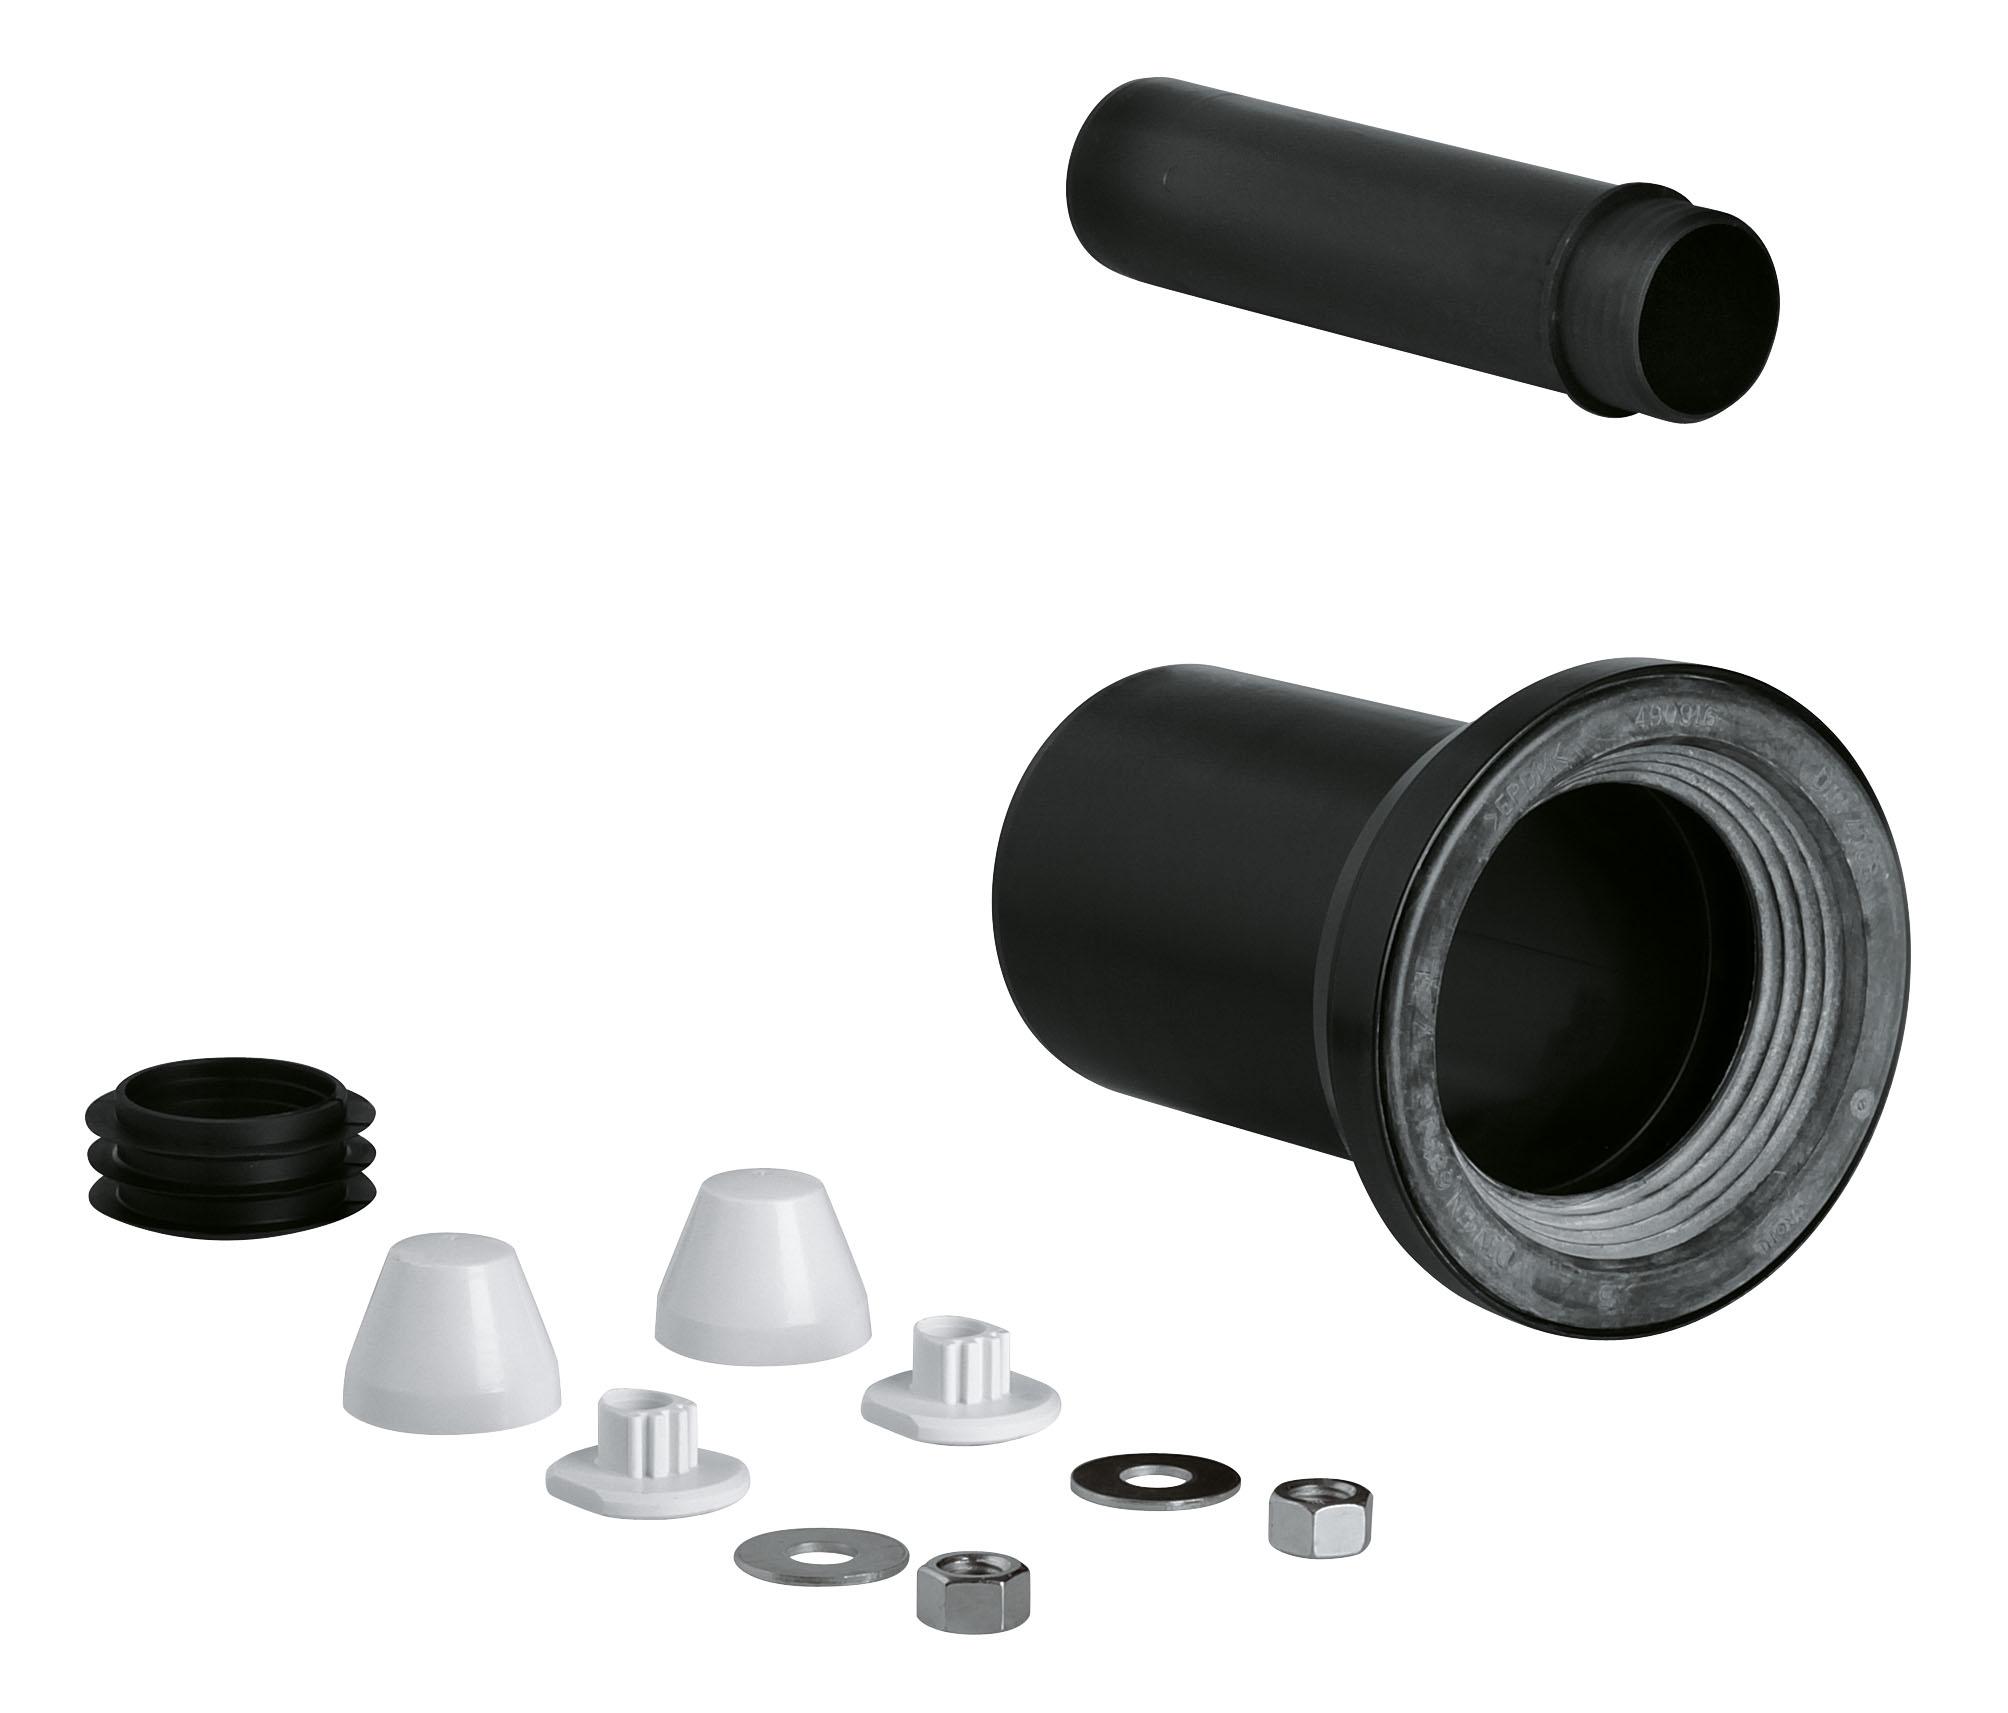 Комплект впускной и смывной гарнитуры для унитаза Grohe 37311k00 смывной клапан для отверстия в крышке бачка диаметр 40 мм grohe 37085pi0